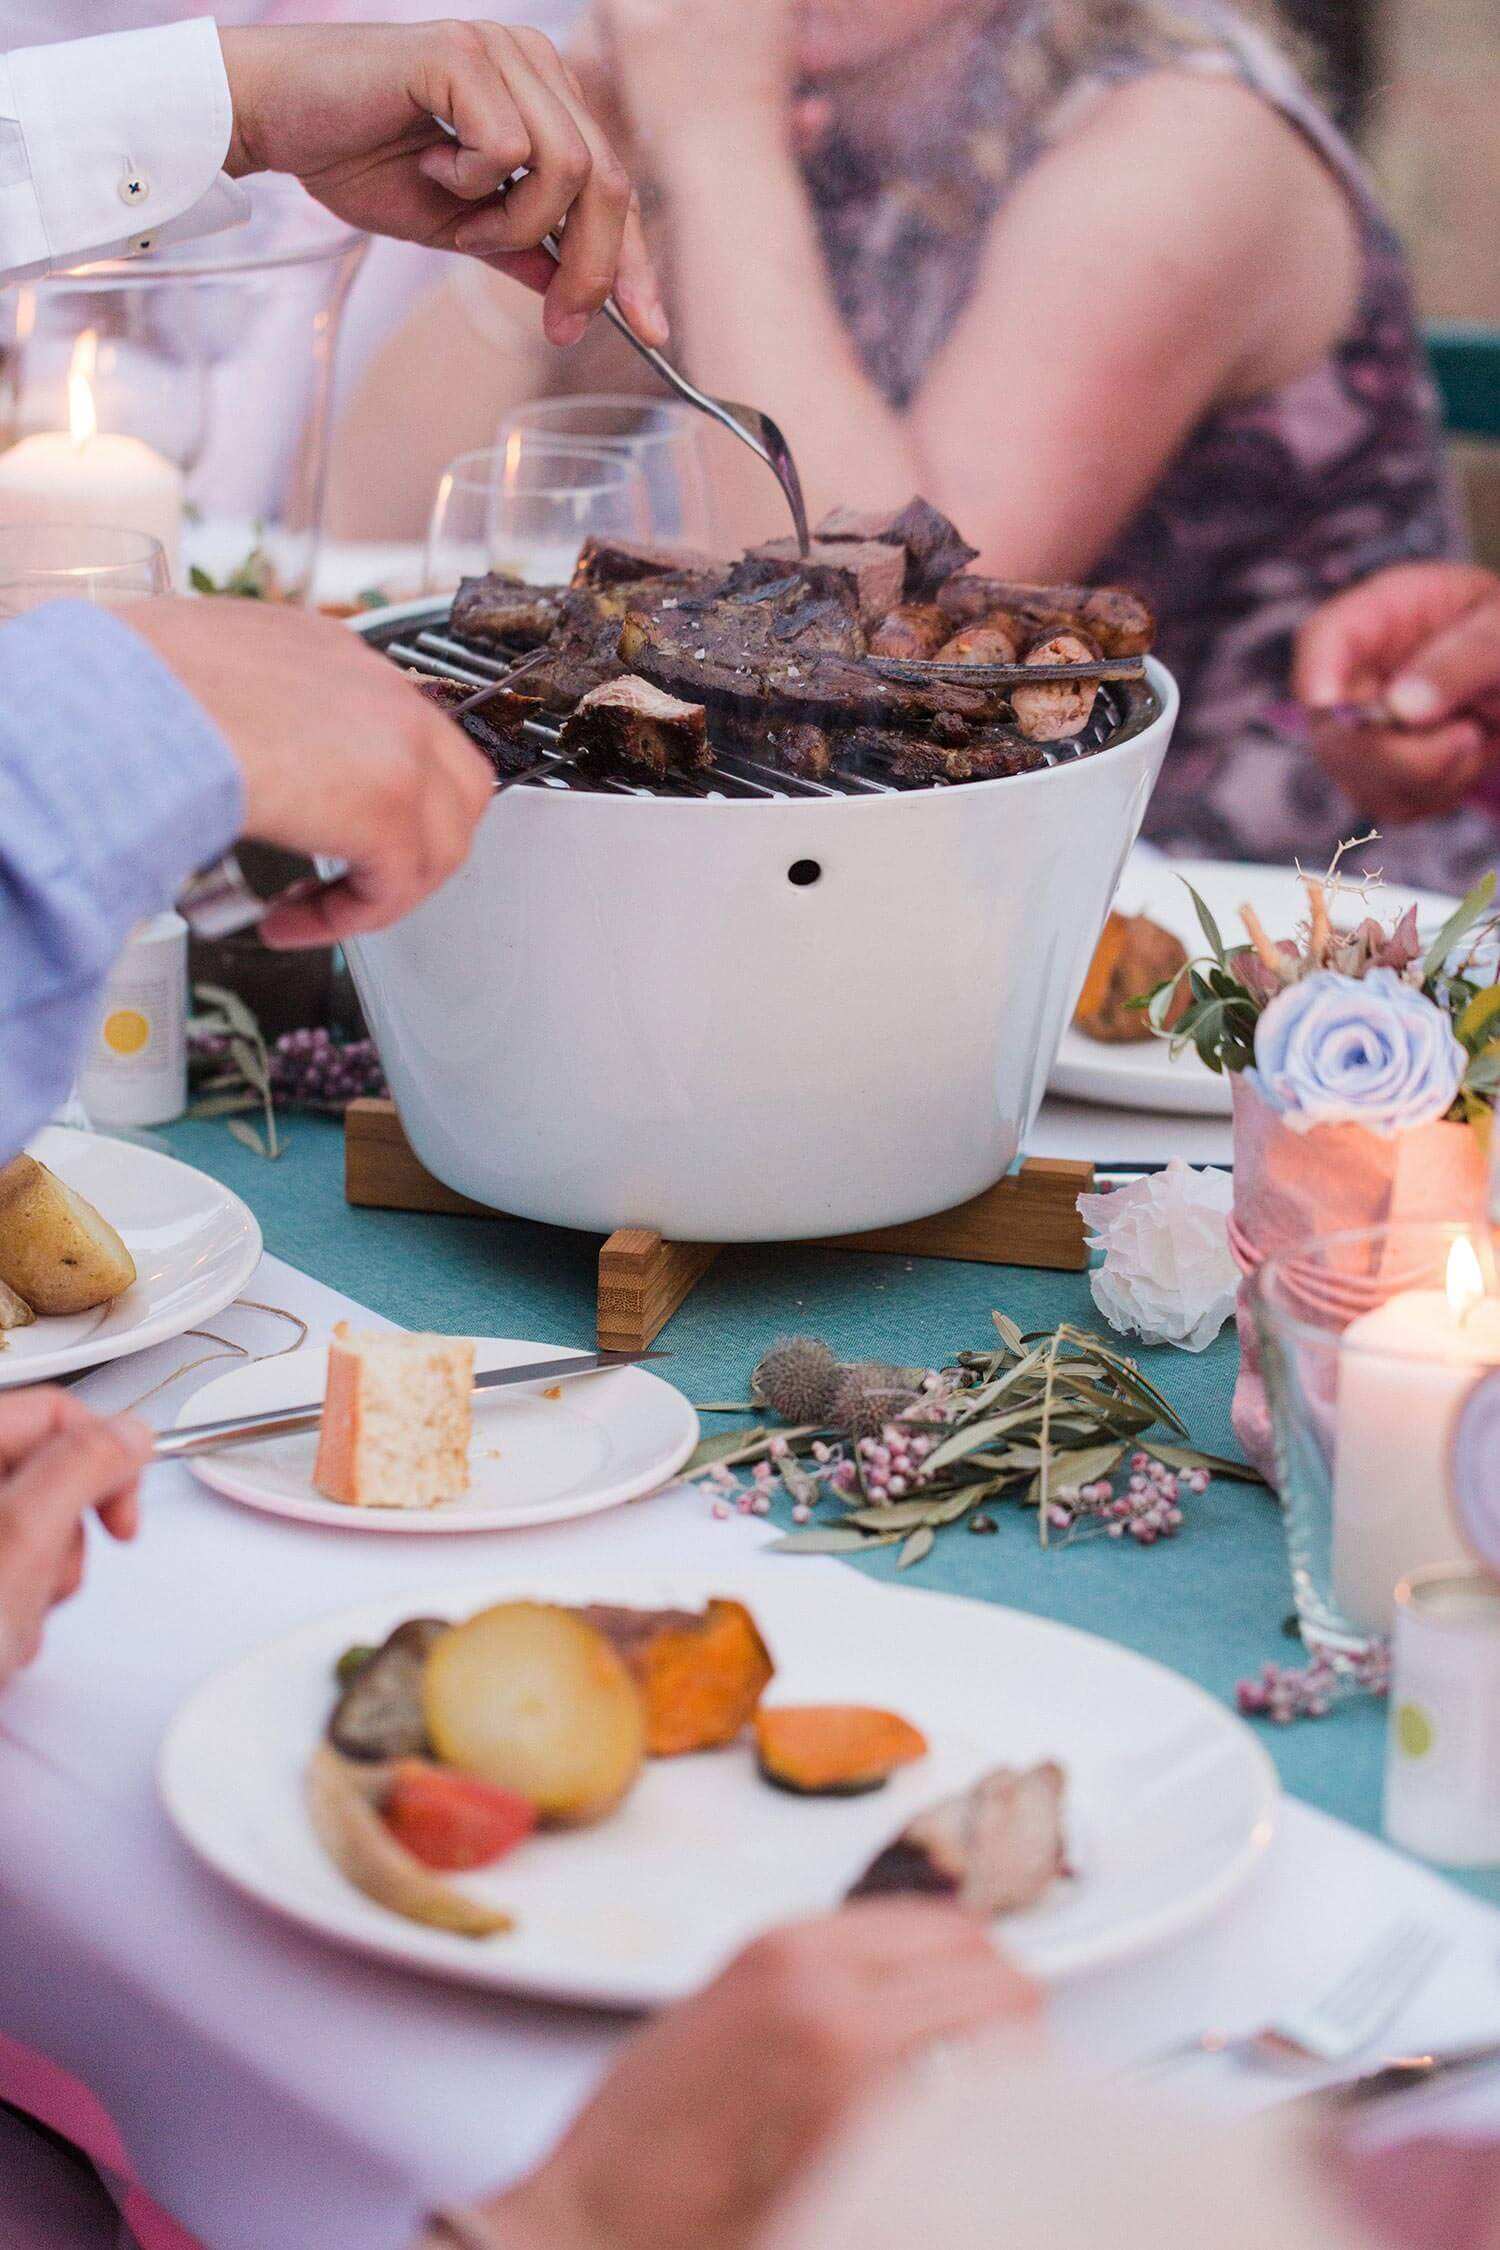 Tischgrill mit Fleisch auf einem festliche dekorierten Tisch in Pastelltönen bei einer Hochzeit im Casal Santa Eulalia auf Mallorca